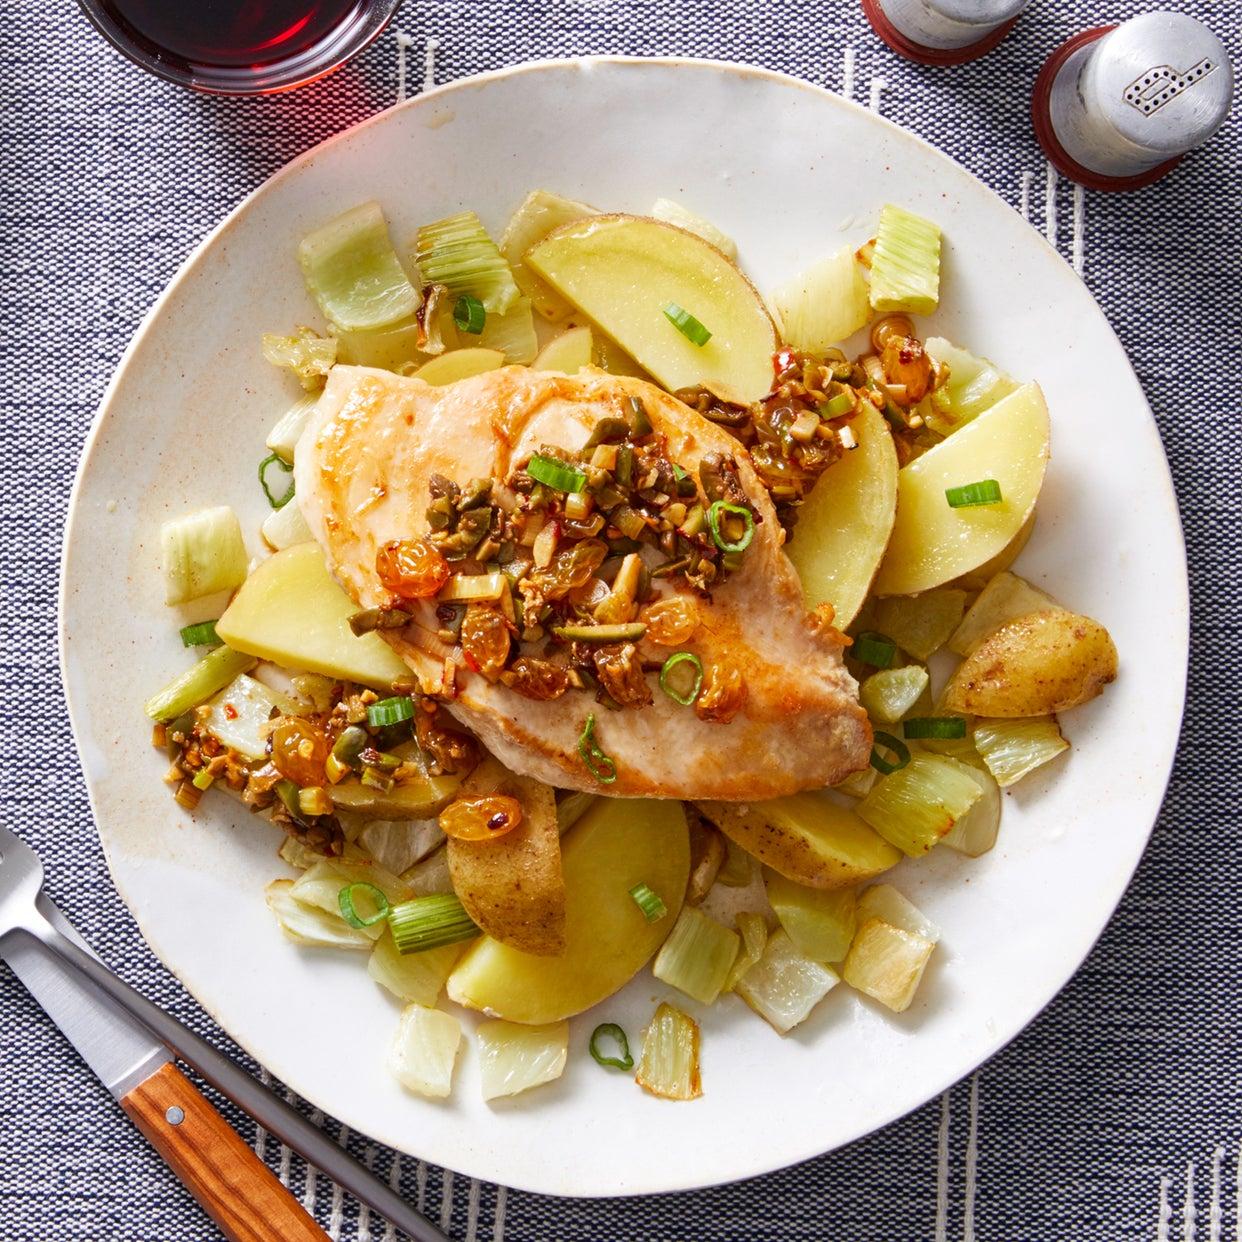 Chicken Paillard & Olive-Raisin Sauce with Warm Fennel & Potato Salad